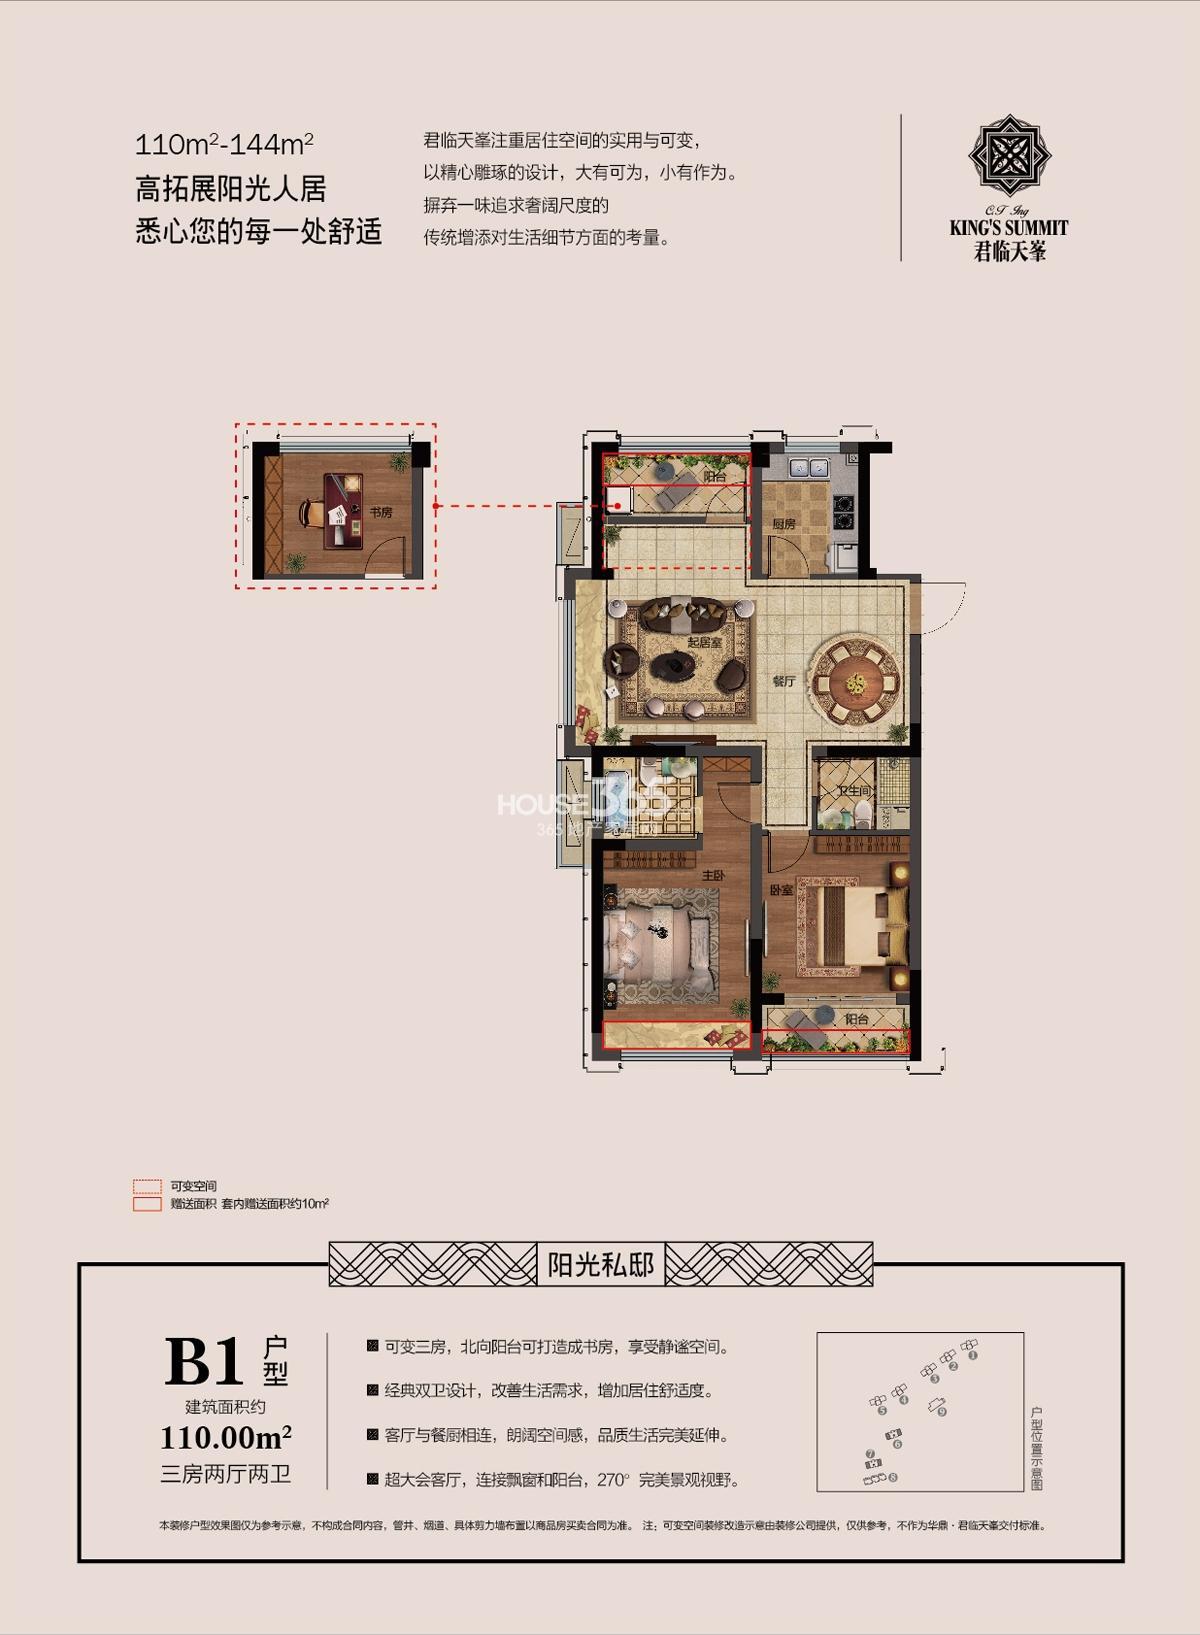 华鼎君临天峯6、7号楼B1户型110方3房2厅2卫户型图